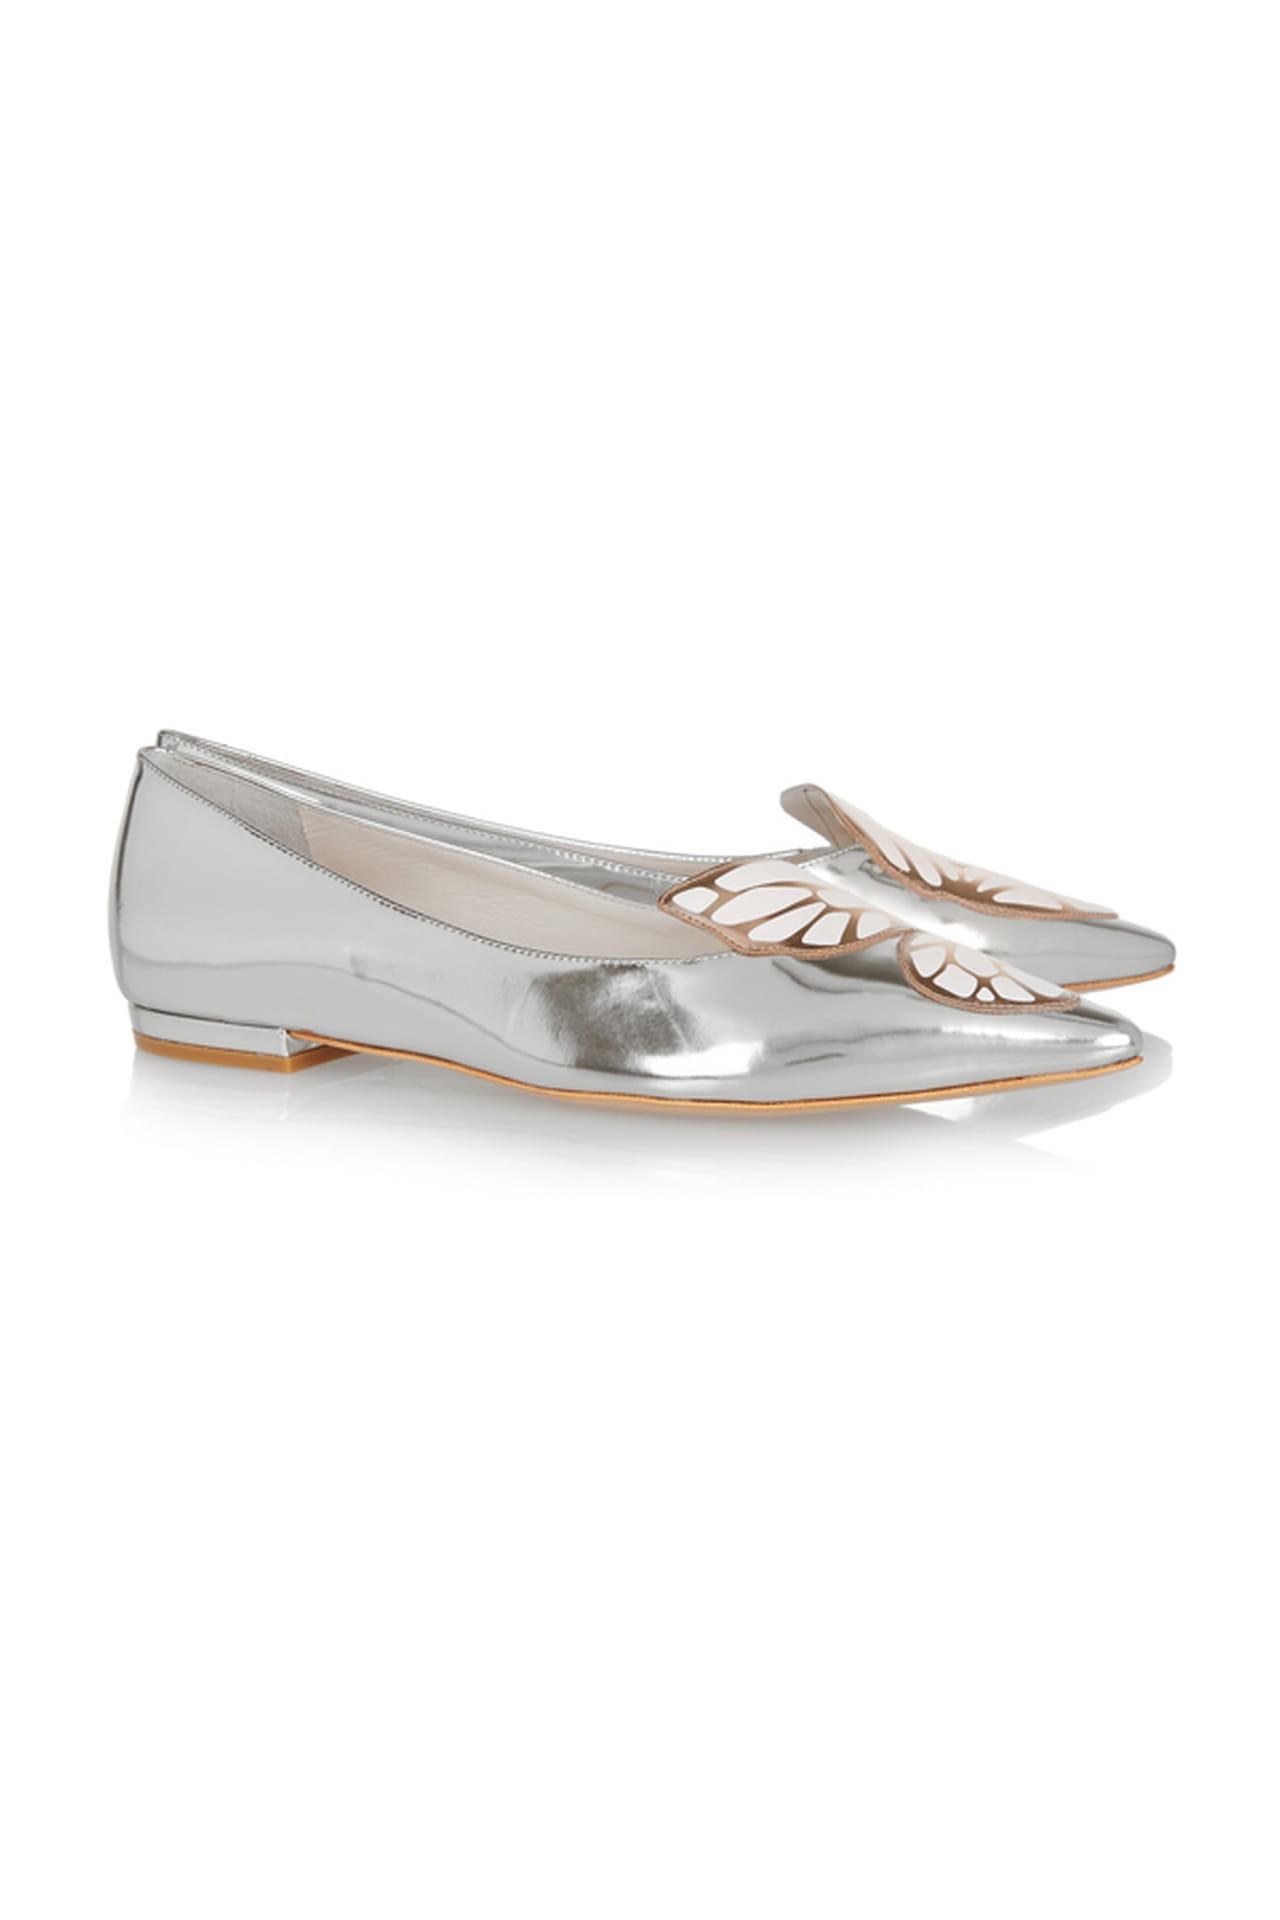 dd2e7b0d4 حذاء أنيق من صوفيا ويبستر Sophia Webster